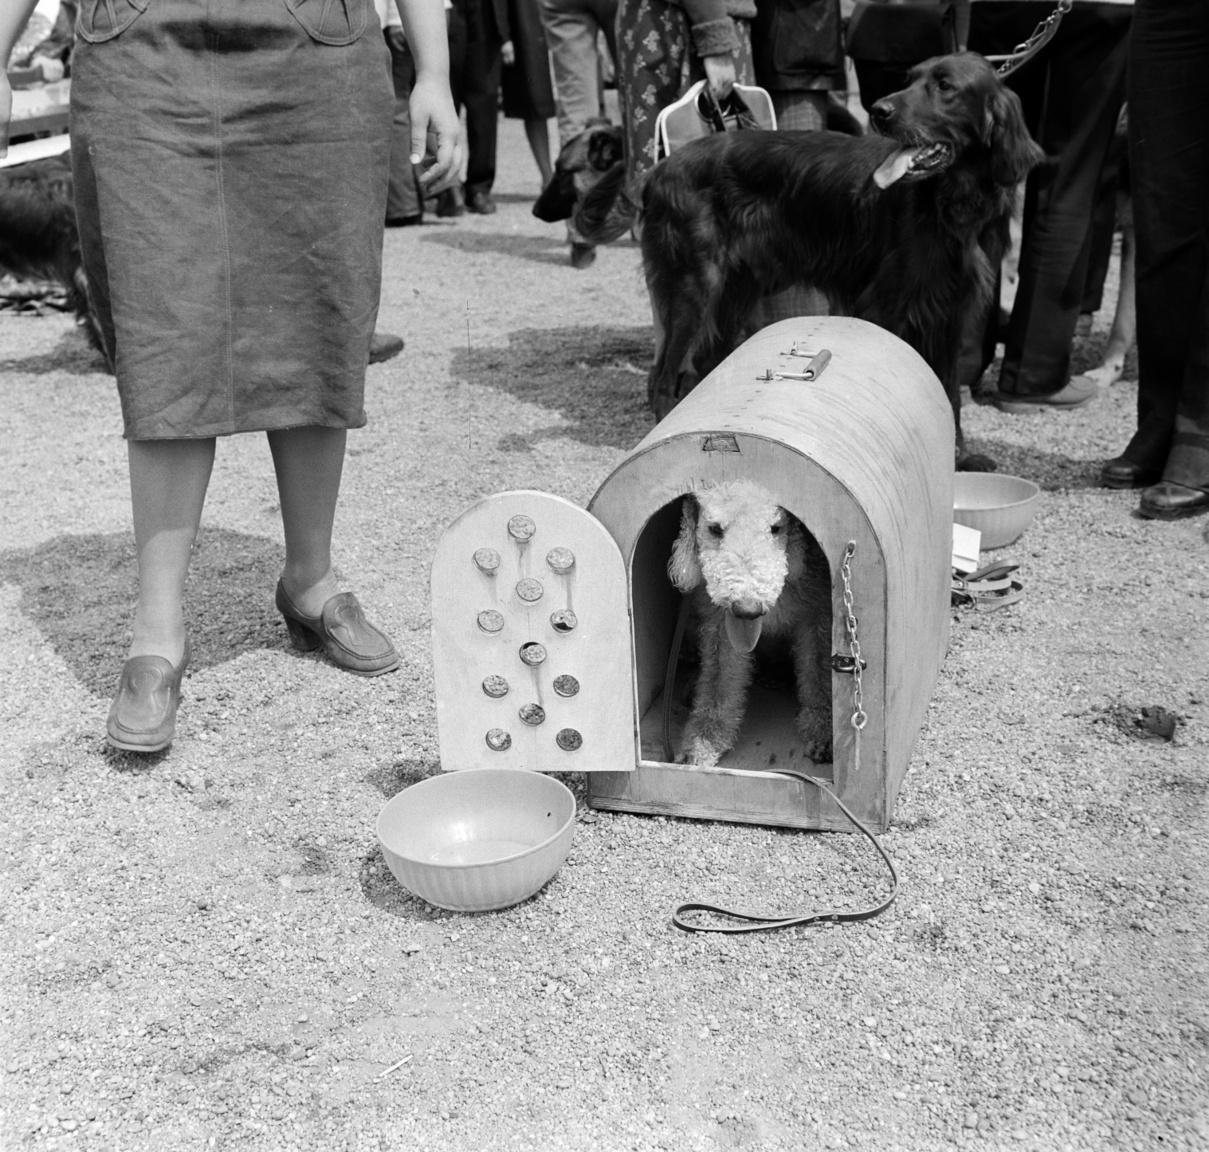 """Az 1800-as évek második felében kiadott, Czuczor-Fogarasi féle A magyar nyelv nagyszótára szerint a kutyának még nem a háziállat volt az elsődleges jelentése:""""1) Széles állattani ért. azon emlős állatok neme, melyeknek mindkét állkapczájokban hat egyenetlen hosszúságú előfoguk, hoszszu , hegyes , görbe szemfogaik , hat vagy hét zápfoguk mindkét oldalon , homlokuk hosszában barázdás vonaluk, és öt körmű lábaik vannak. Ide tartoznak, a farkas, róka, a házi kutya stb. (Canis). 2) Szorosb és szokott ért. a fennemlített nem alá tartozó , köz ismeretü kutyafaj, melyet máskép házi kutyá-nak, kizárólag ebnek hivunk. (Canis familiaris)."""""""